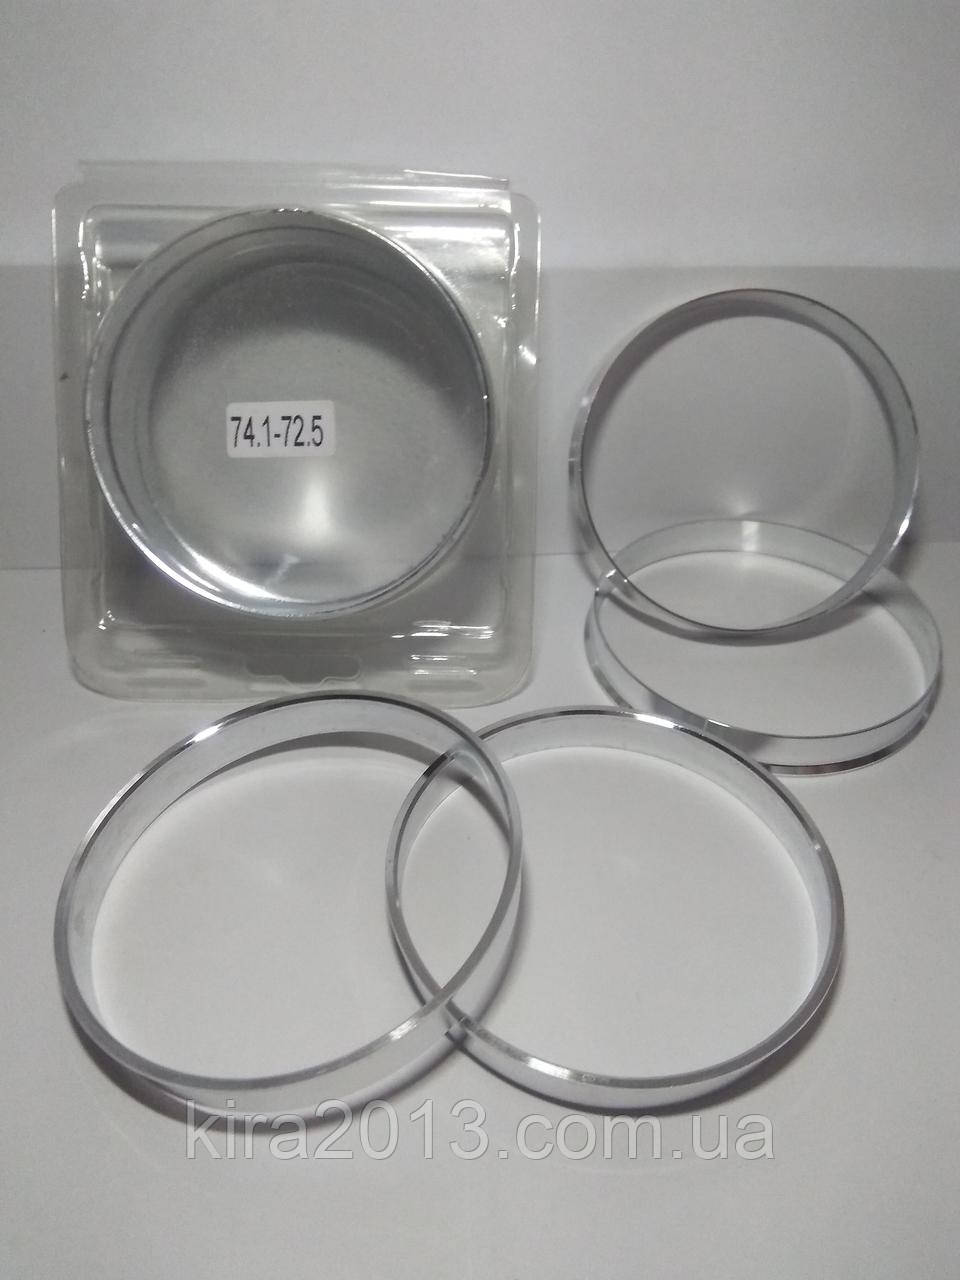 Центровочные ступичные кольца BMW БМВ 74,1-72,5 (74.0-72.6) для дисков от E39 E70 F15